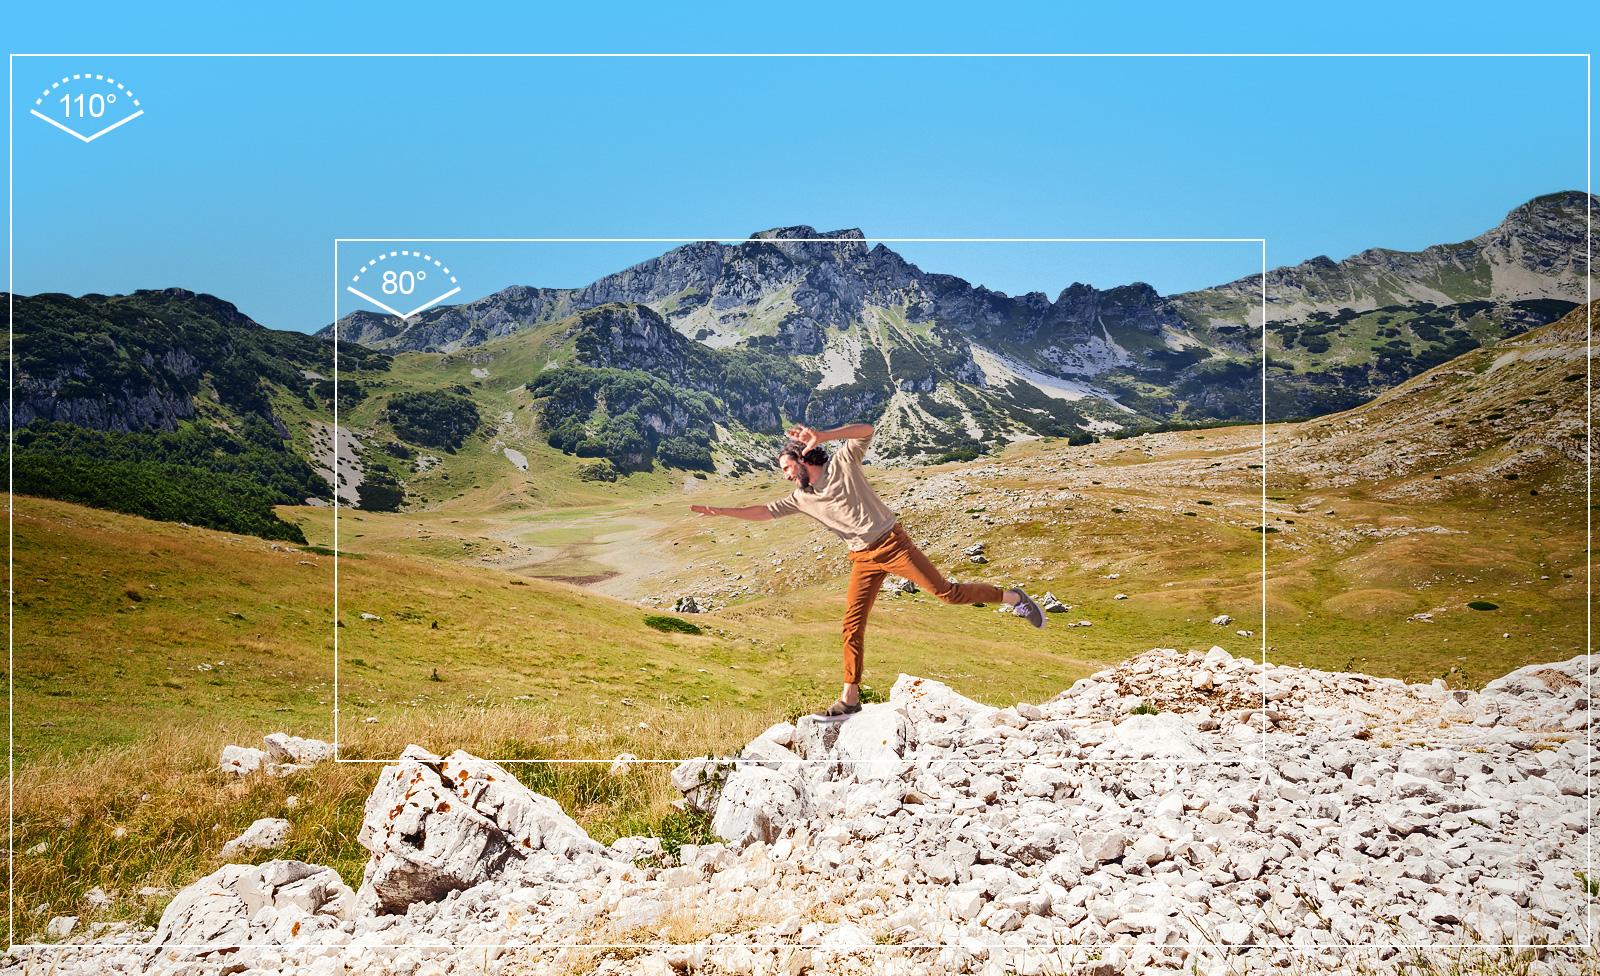 Kaip profesionaliai fotografuoti nebrangiu išmaniuoju telefonu: 5 paprasti žingsniai kiekvienam